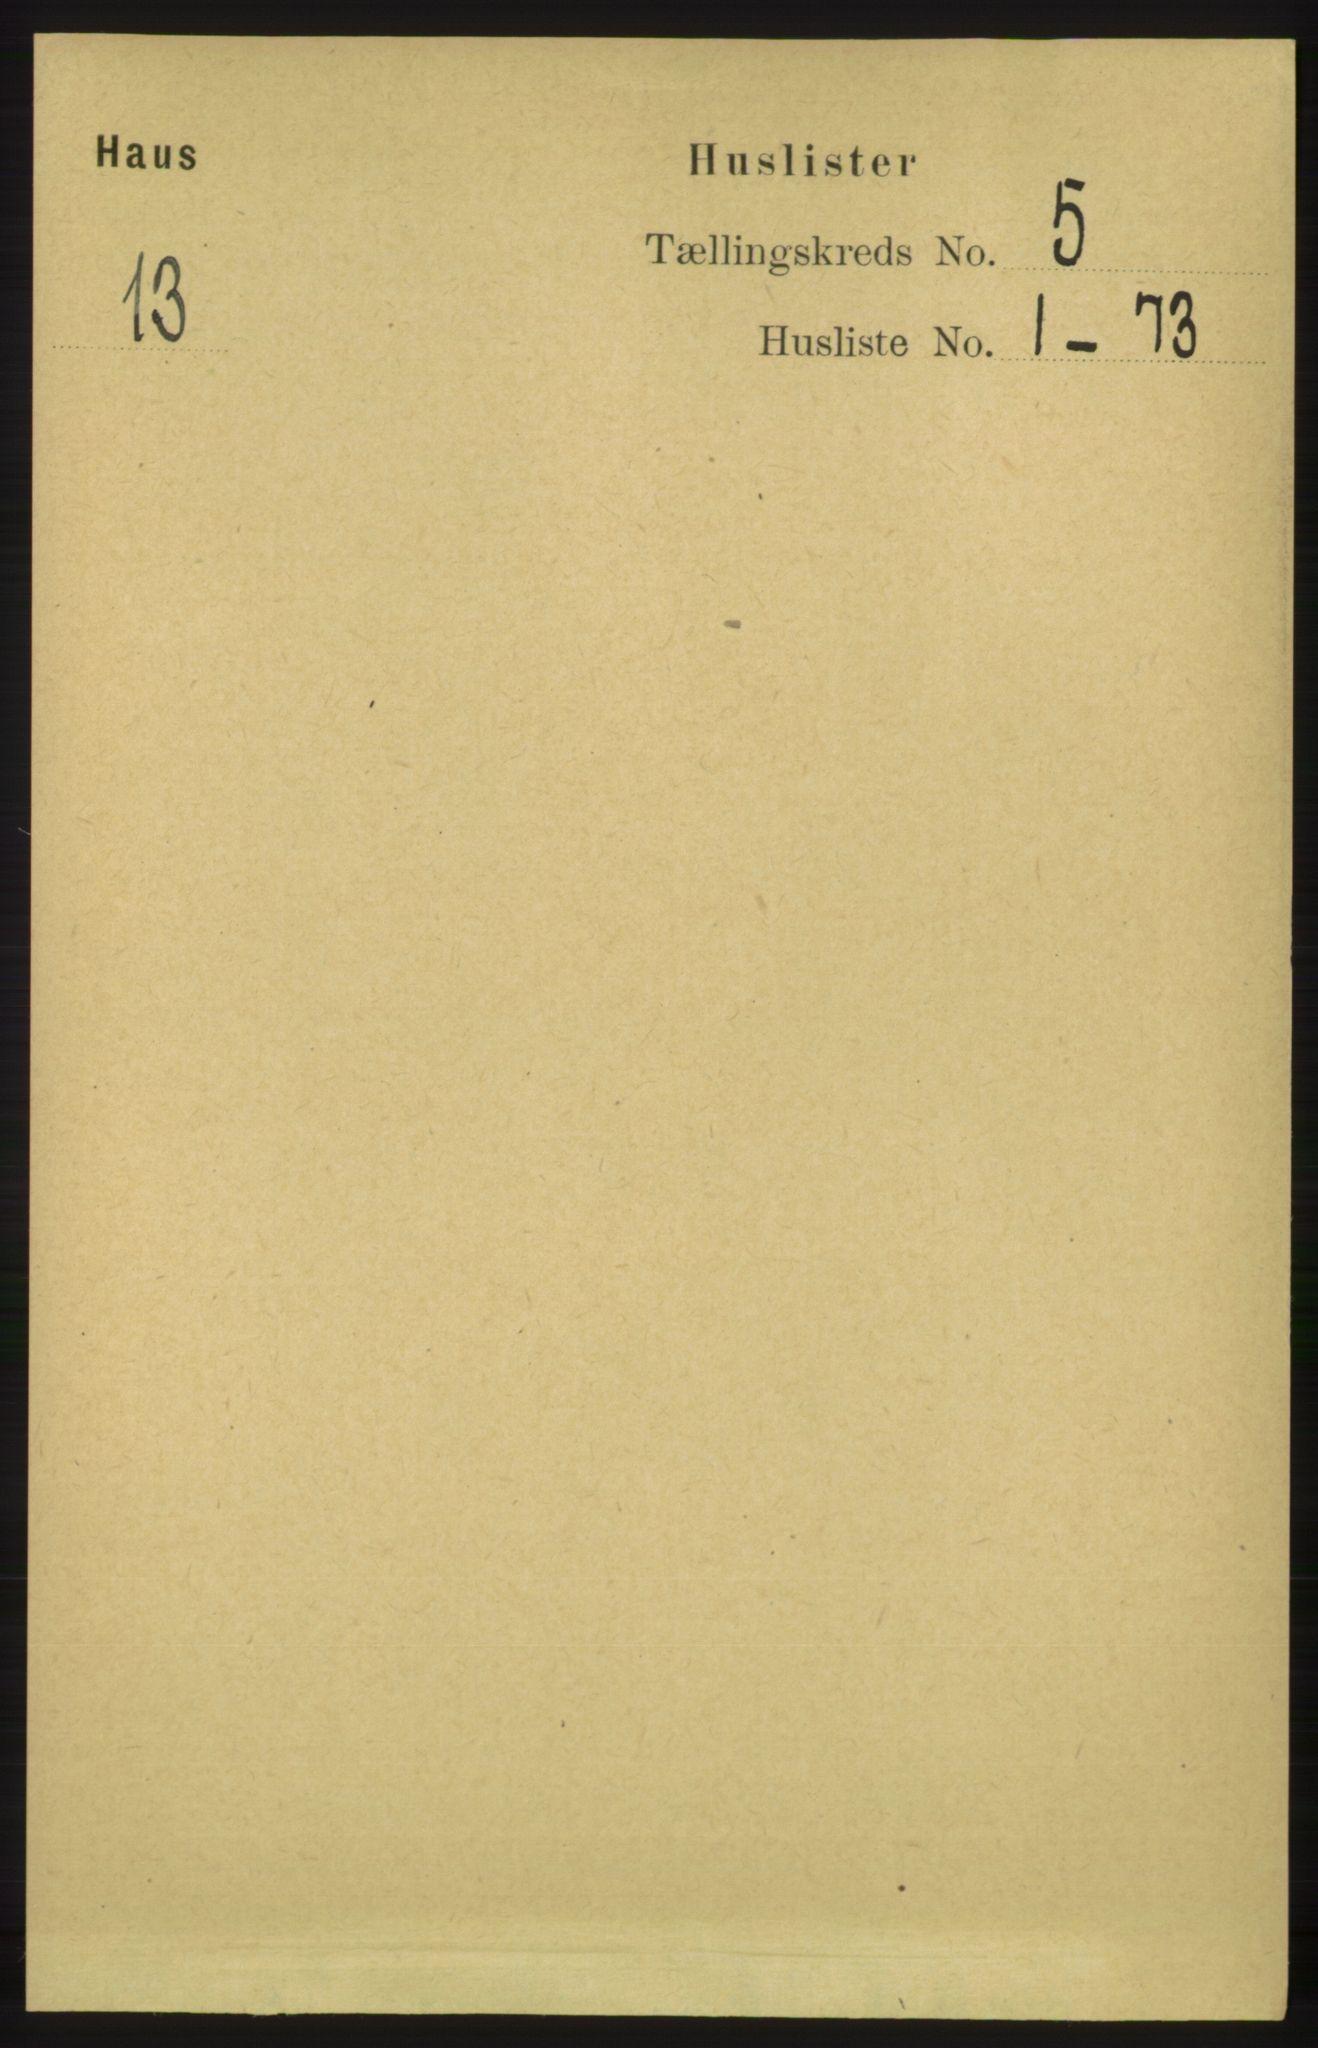 RA, Folketelling 1891 for 1250 Haus herred, 1891, s. 1747